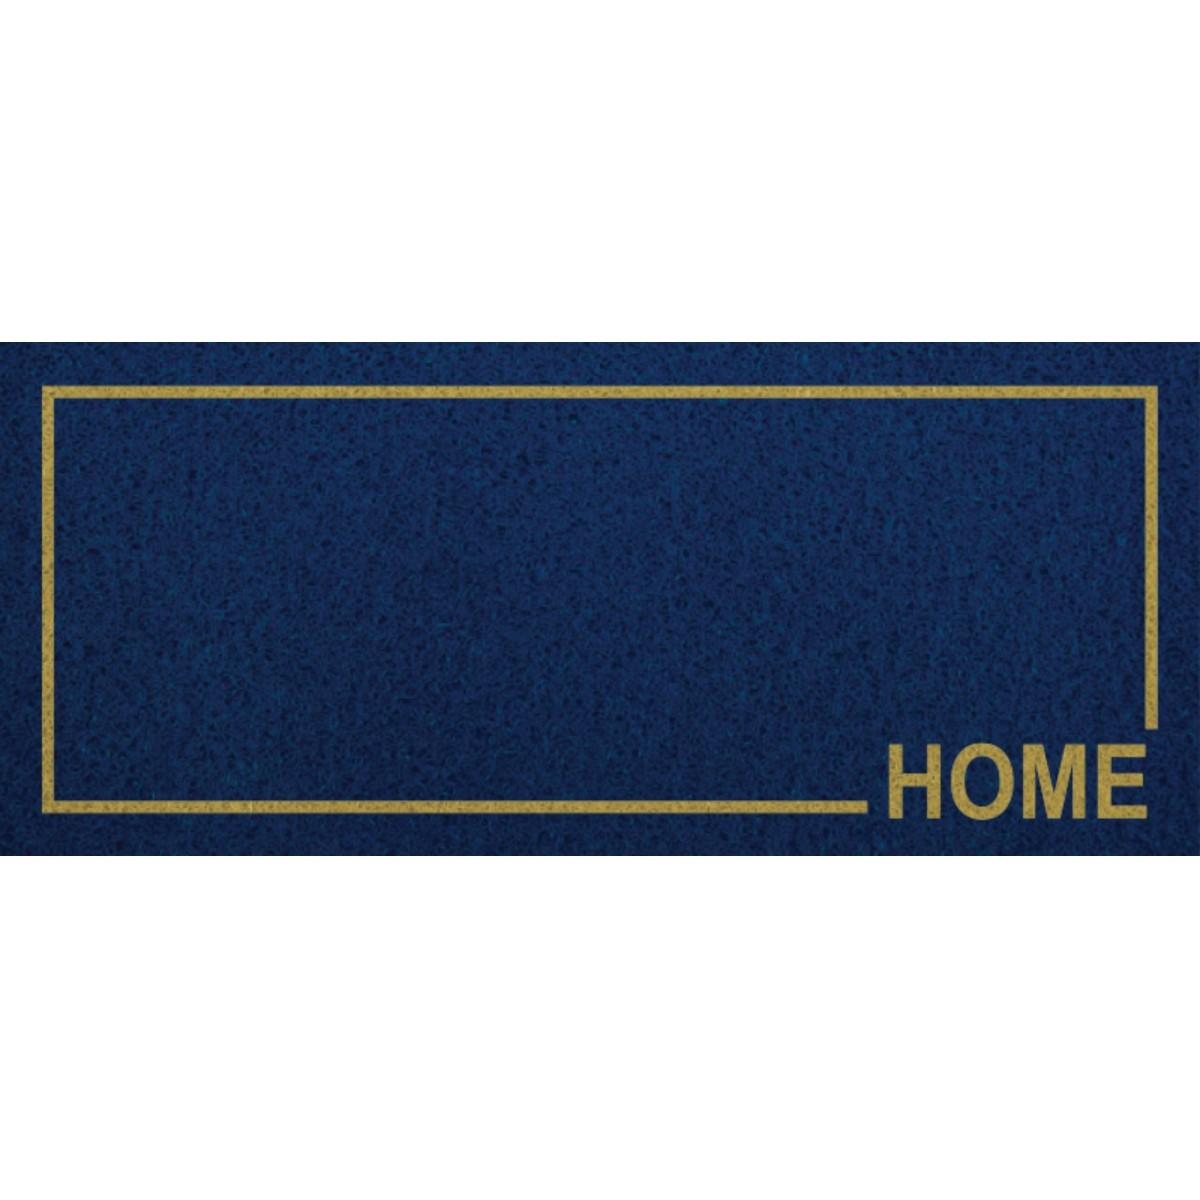 CAPACHO VINIL LONG HOME MOLDURA - 30X70